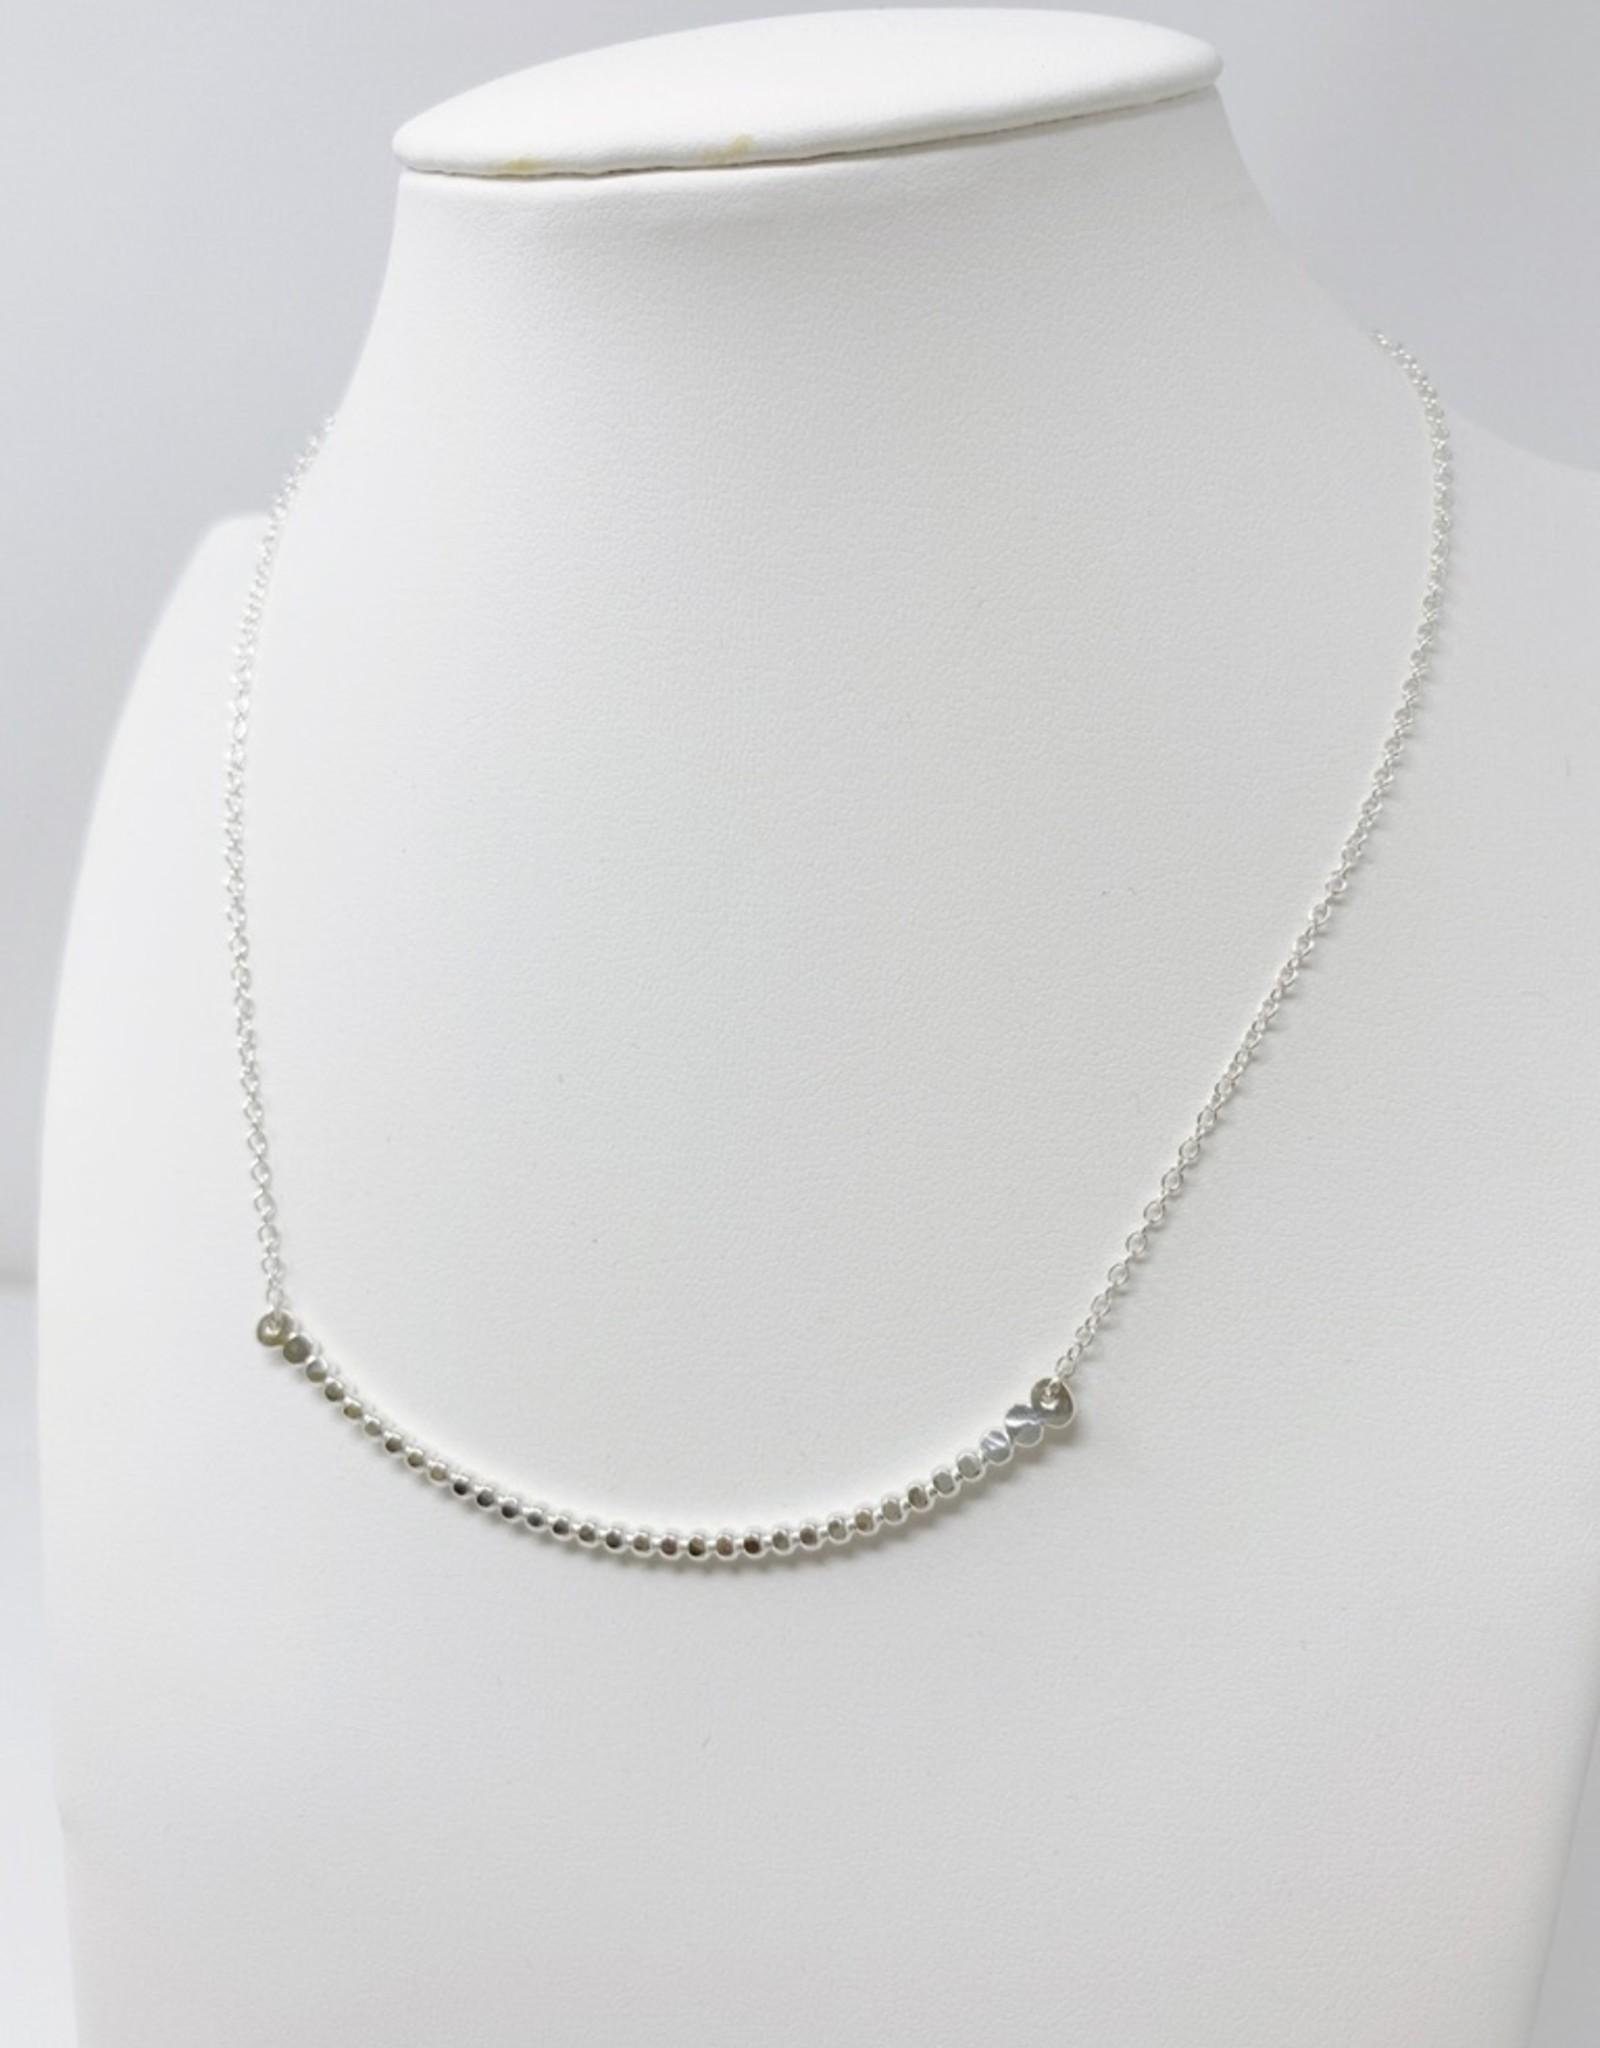 Lotus Silver Pebble Necklace